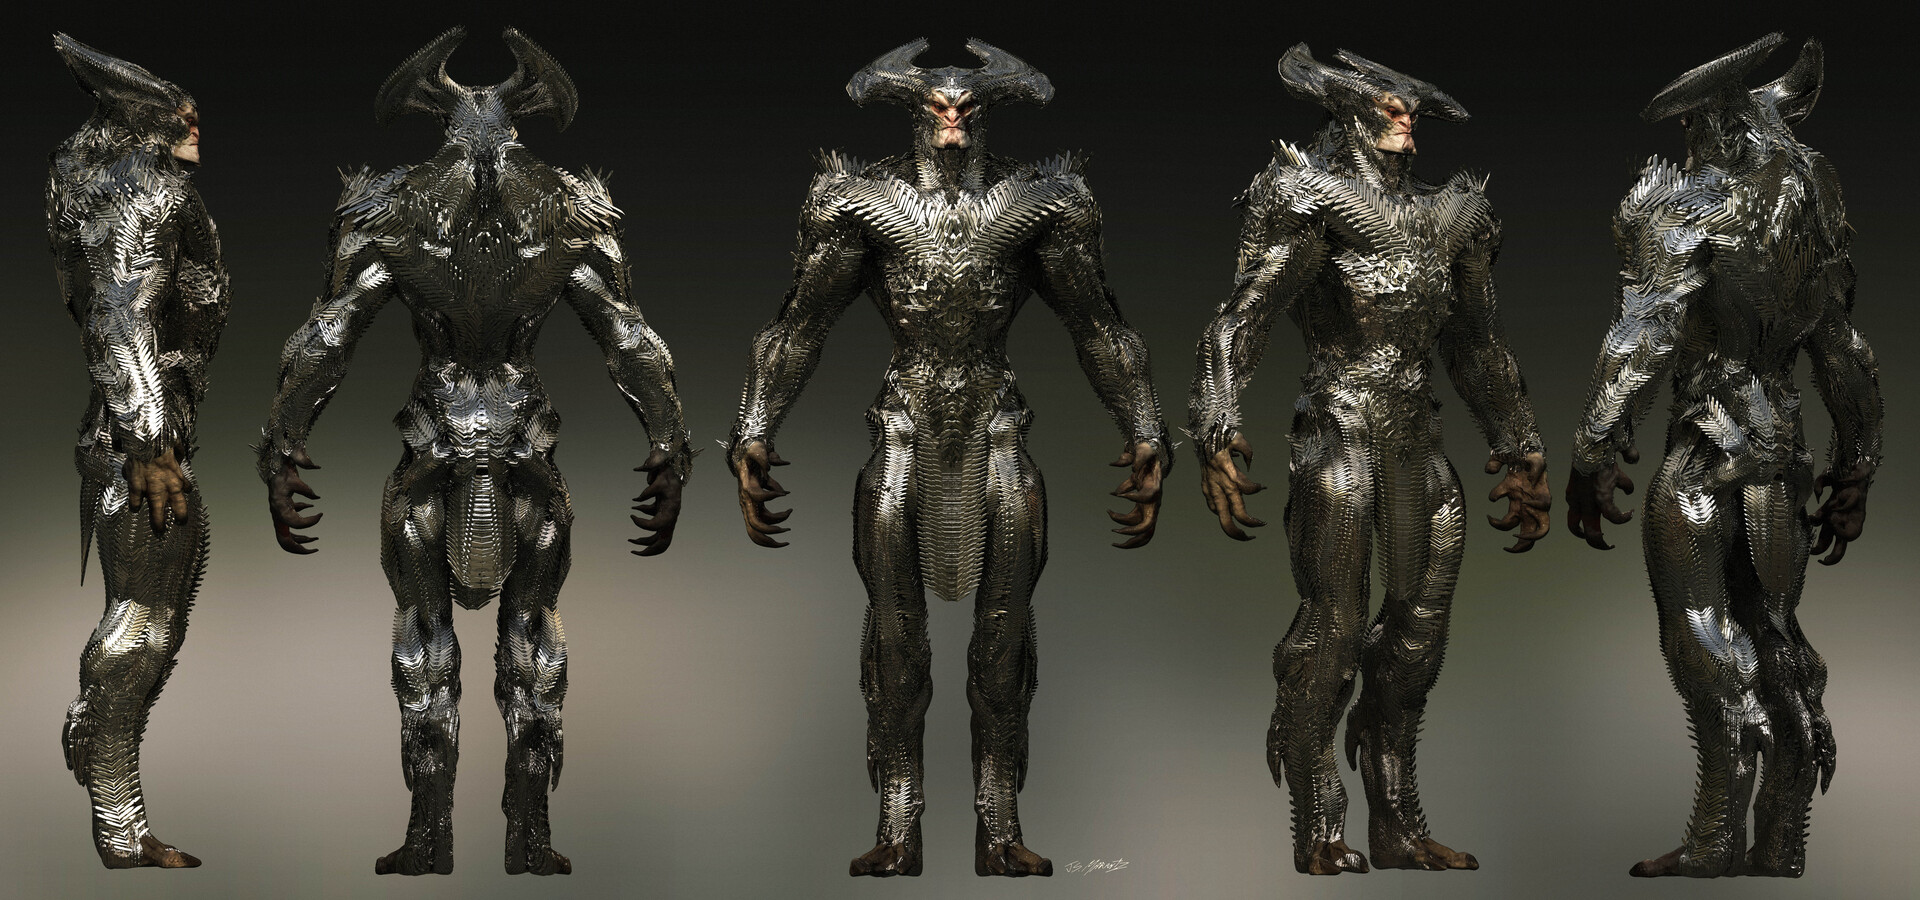 Liga da Justiça de Zack Snyder Cut; Lobo da Estepe